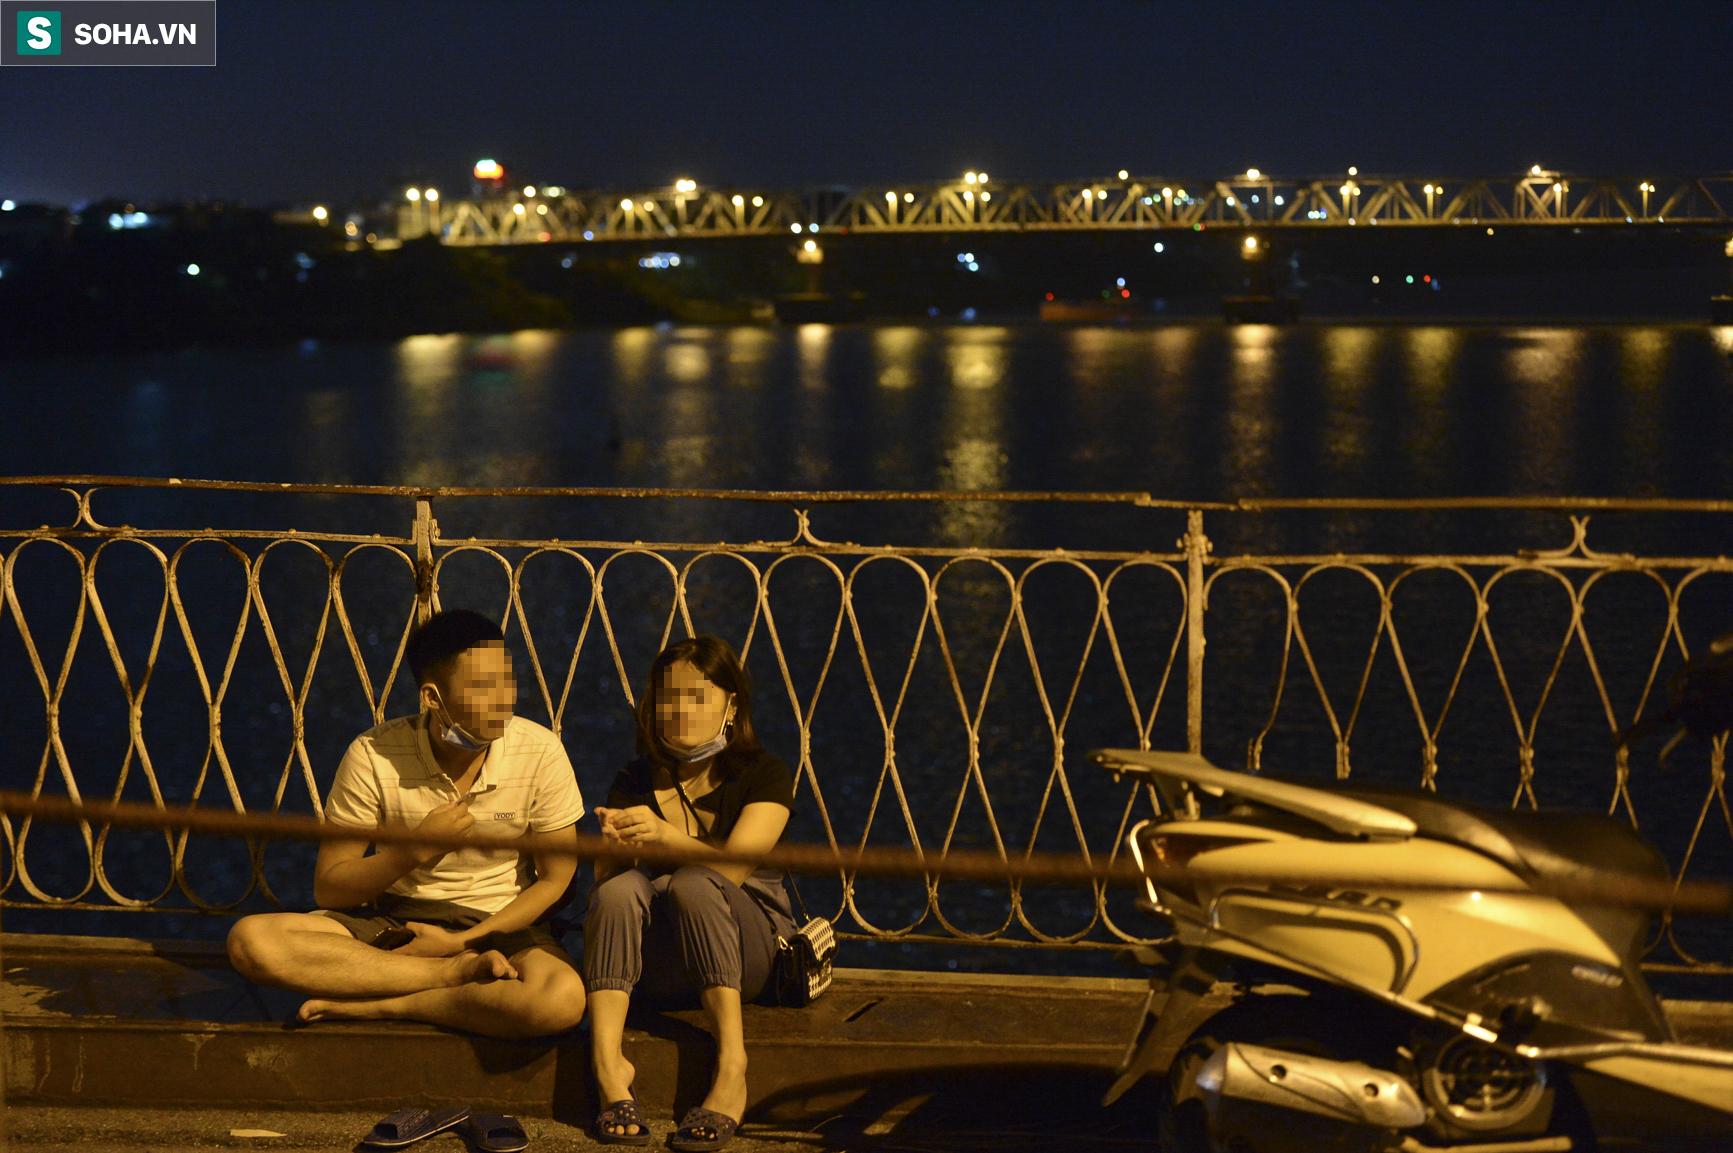 Hà Nội: Nam thanh nữ tú thản nhiên lên cầu Long Biên tâm sự, chụp ảnh, hóng mát bất chấp giãn cách xã hội - Ảnh 7.